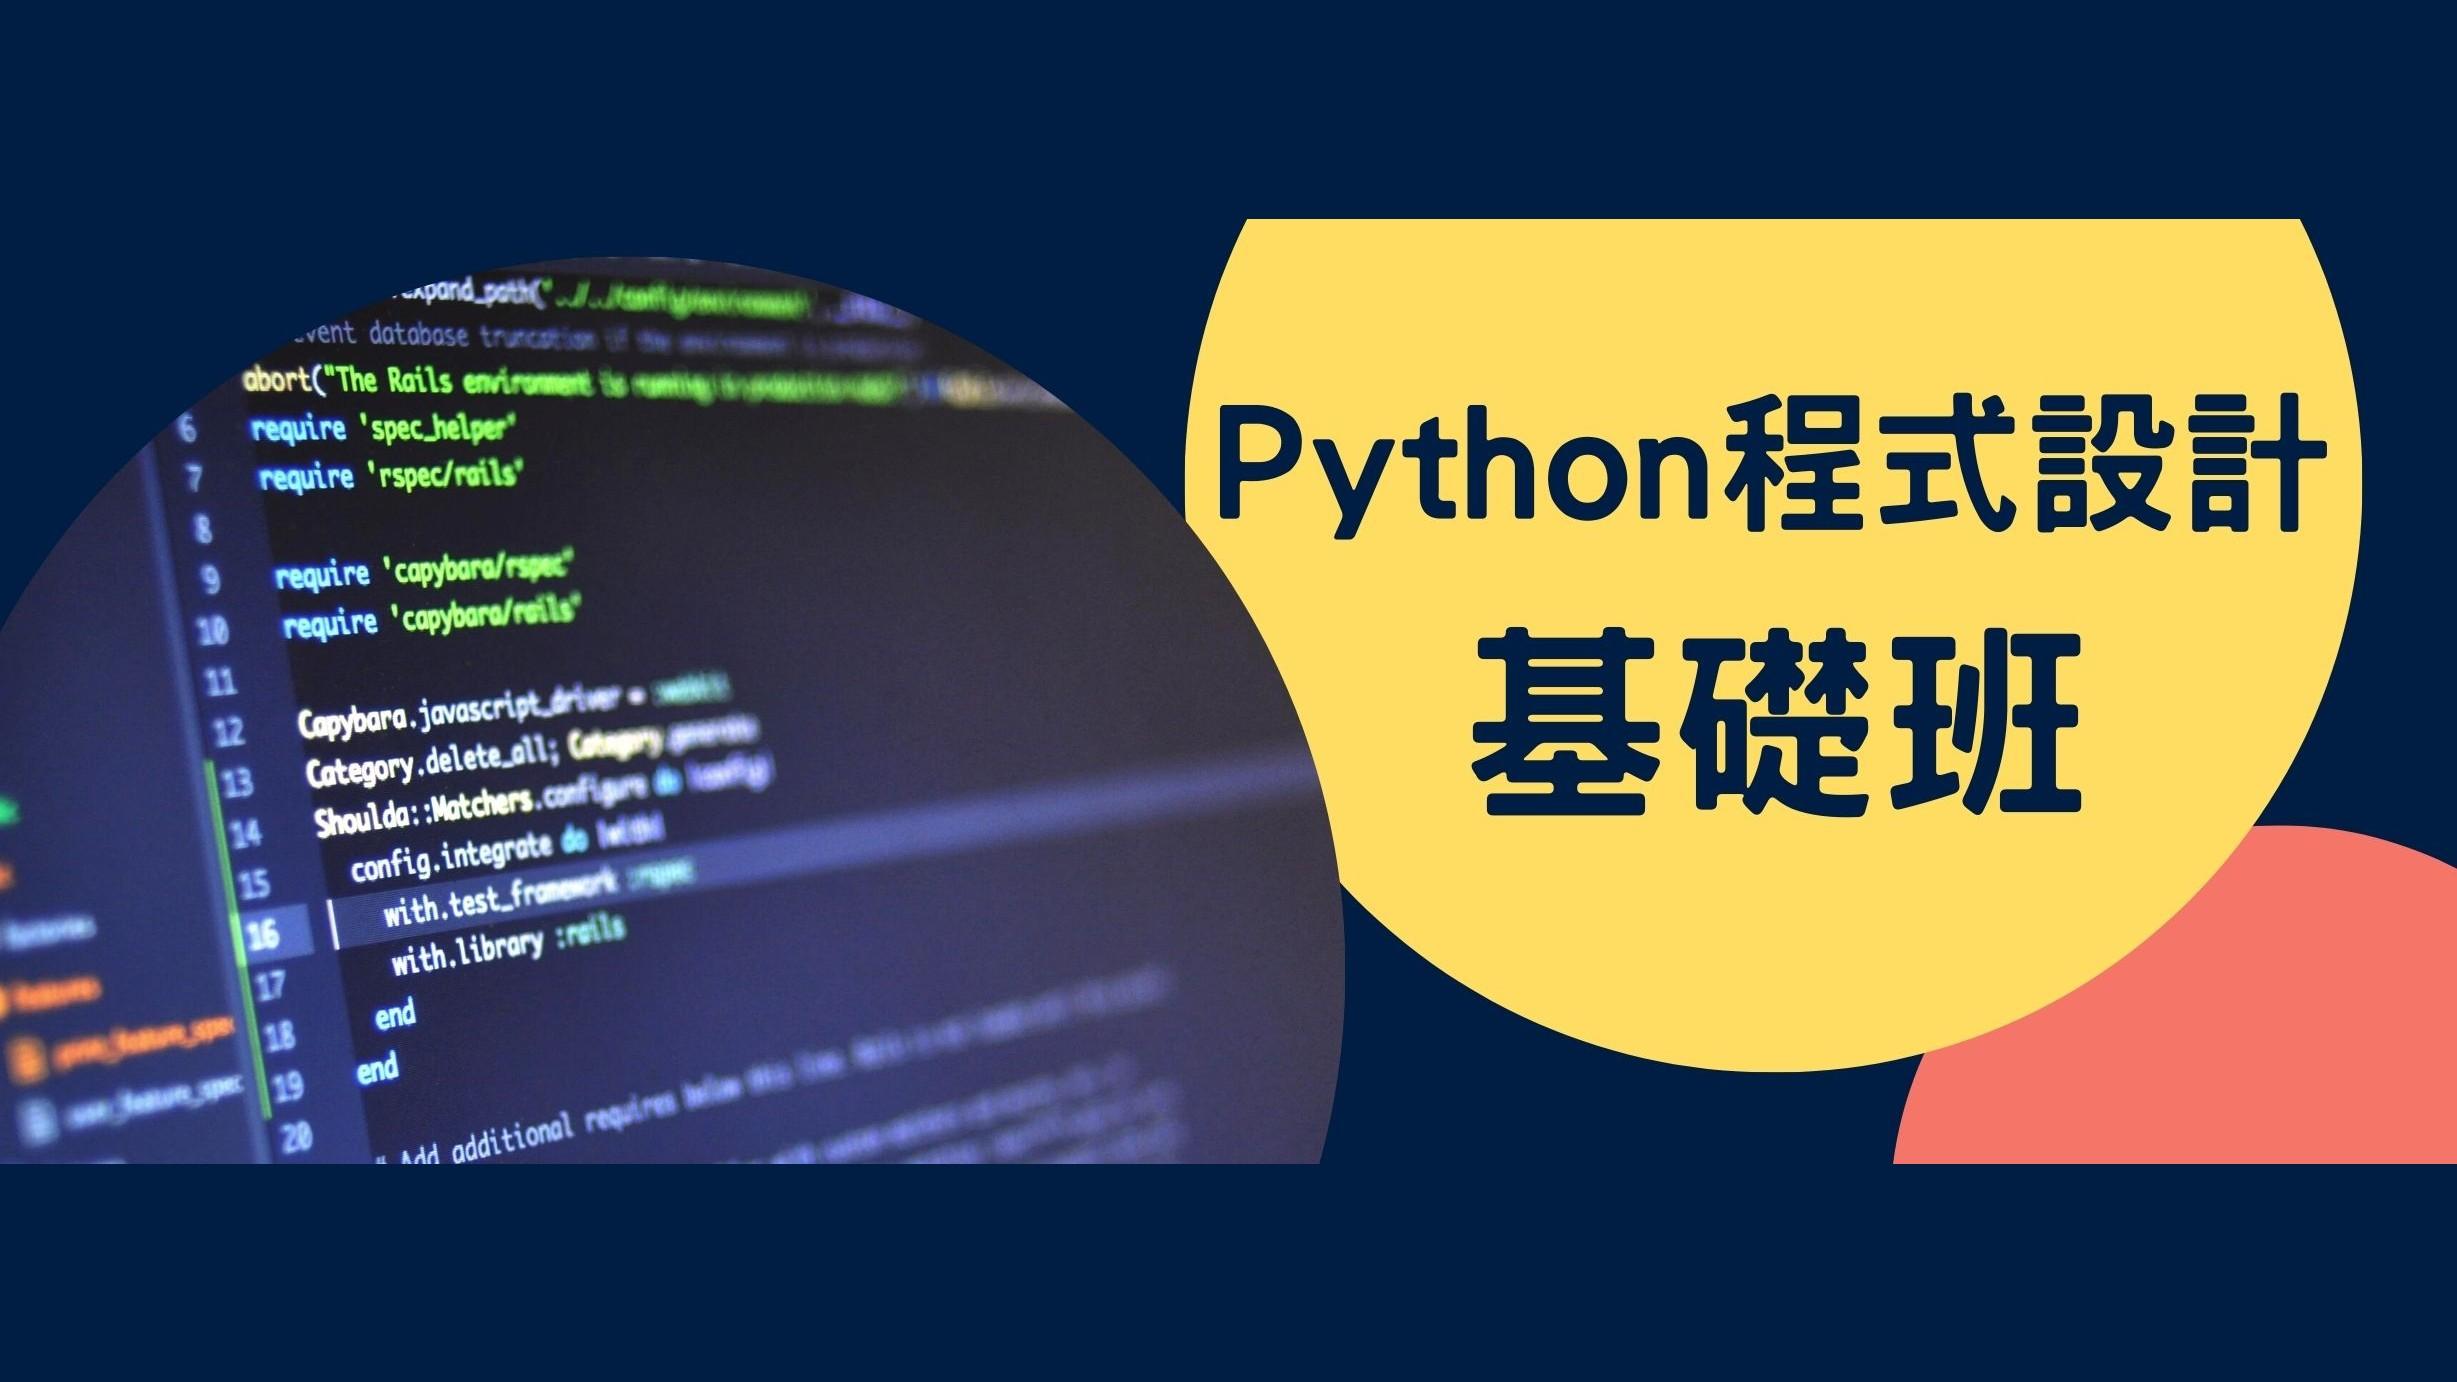 中華大學程式設計培訓營 -Python程式設計基礎班